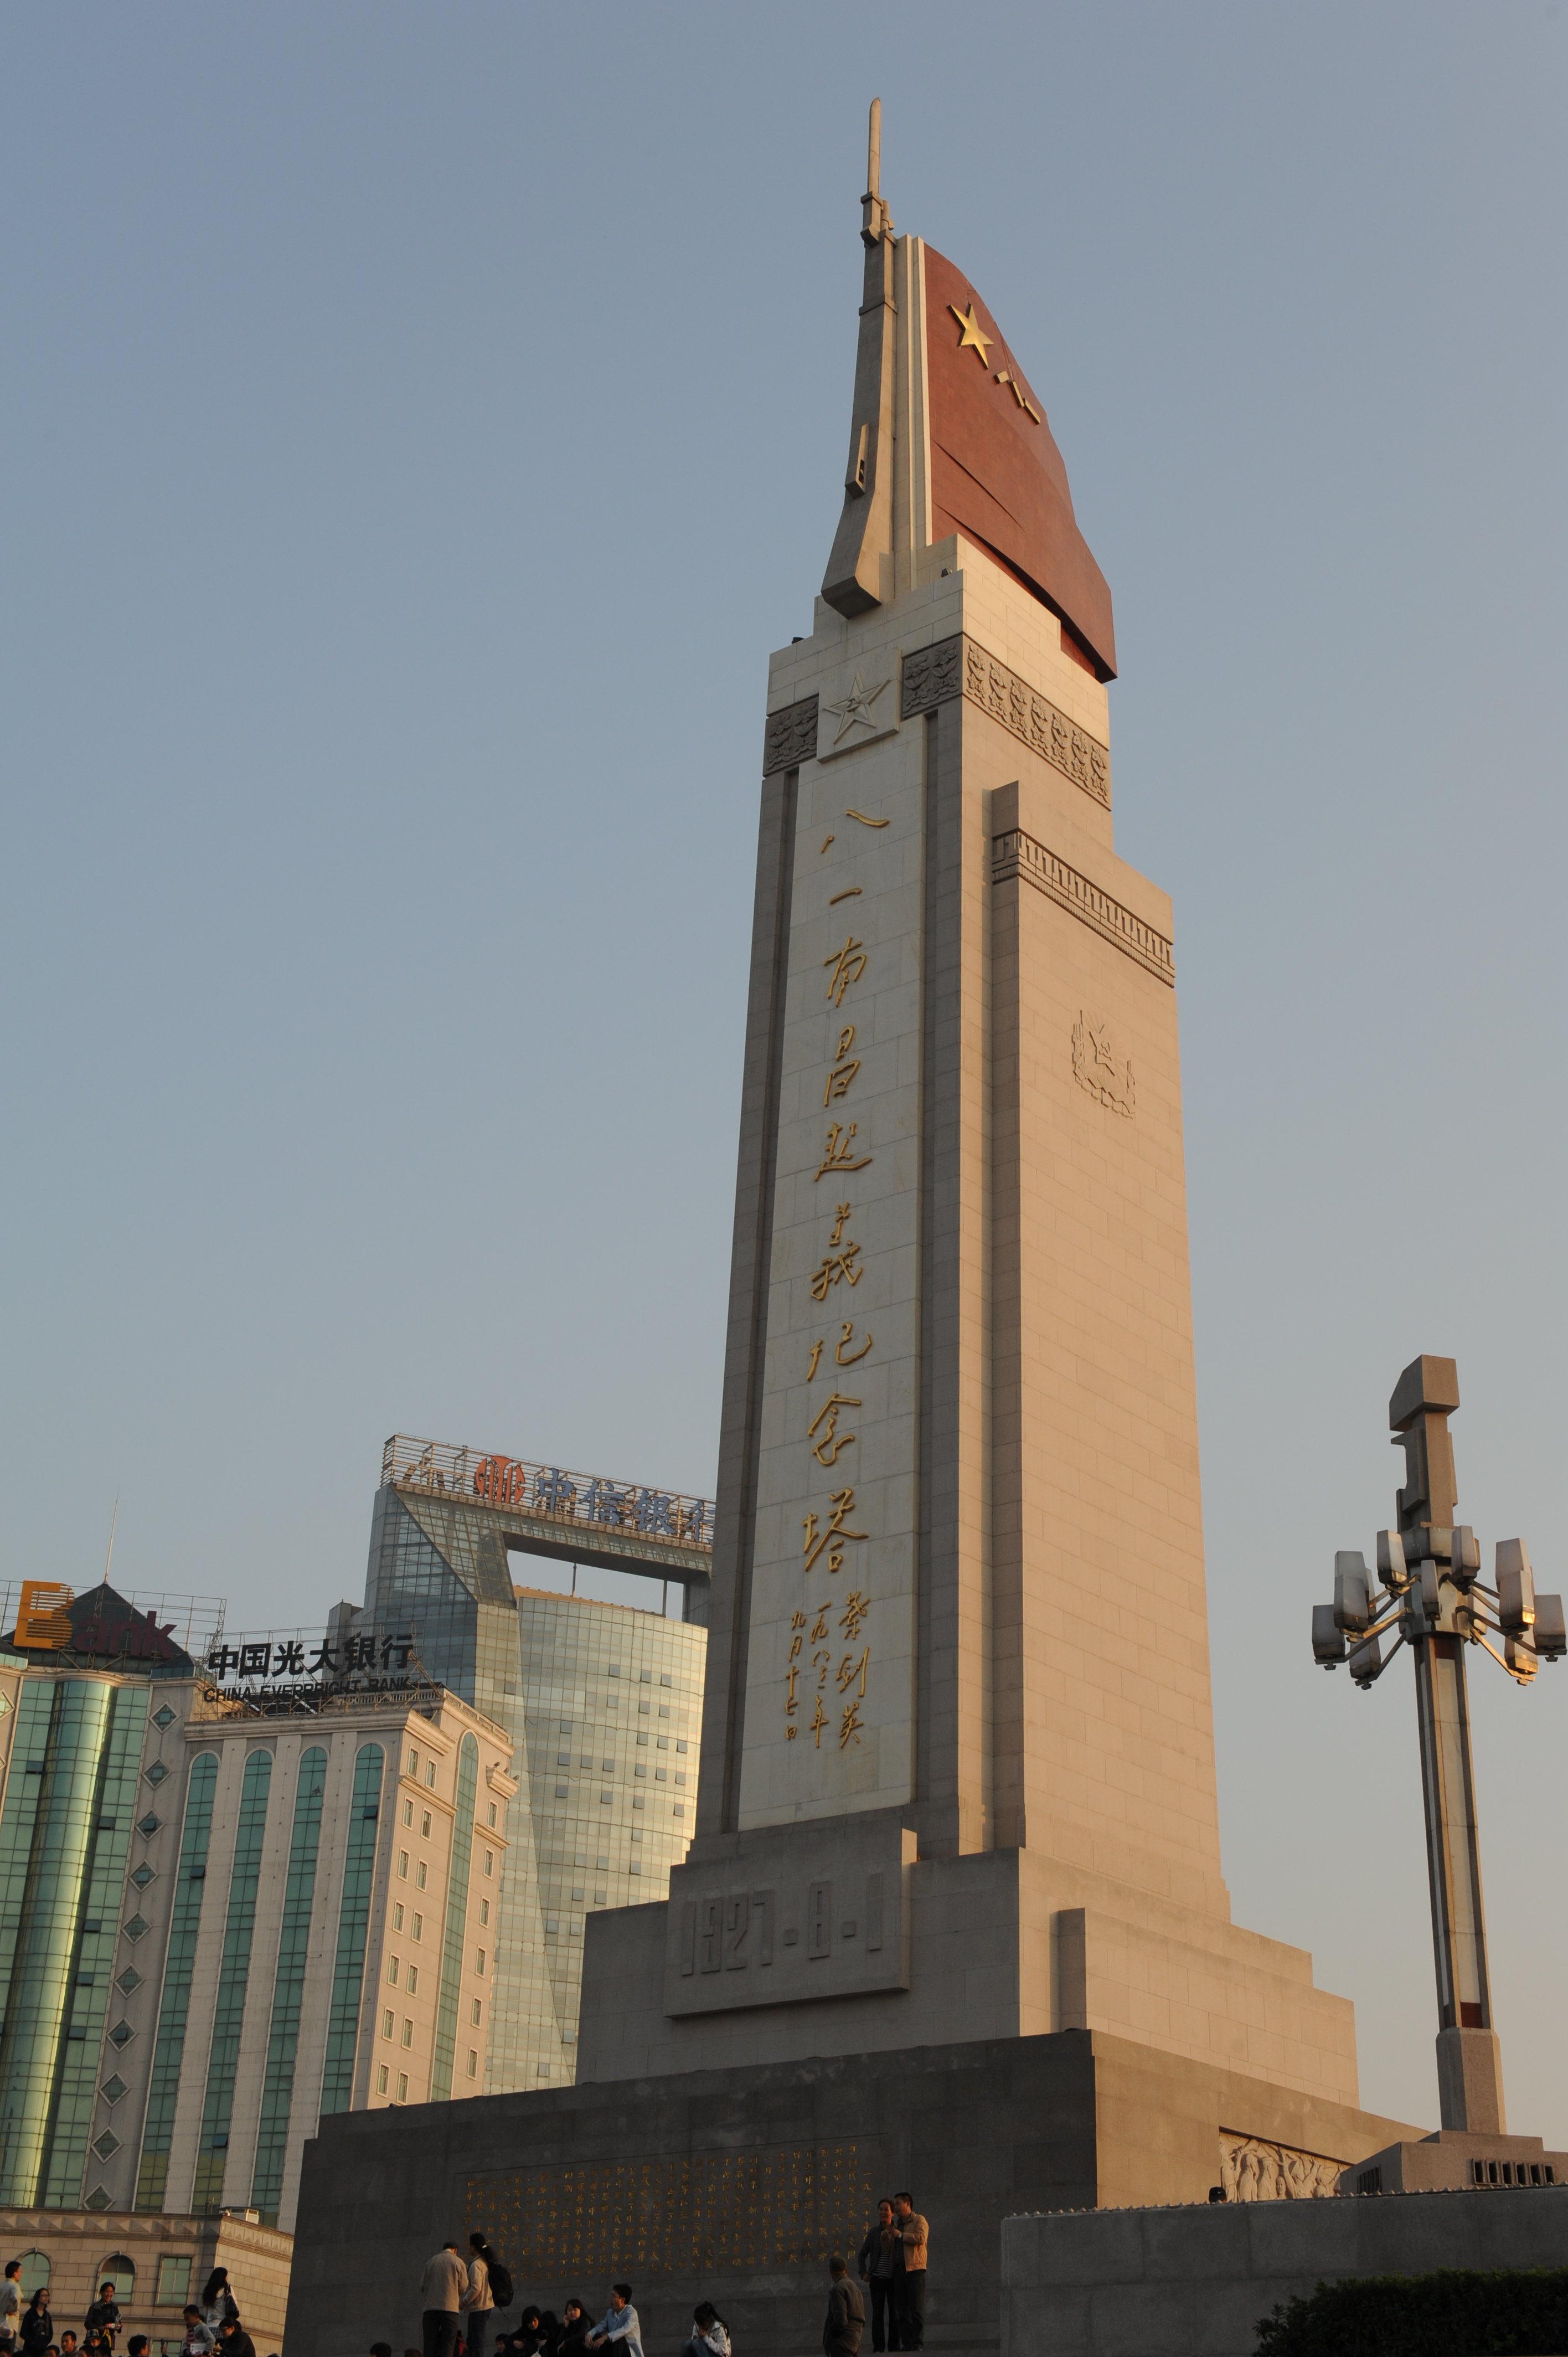 【携程攻略】江西八一南昌起义纪念塔适合朋友出游吗